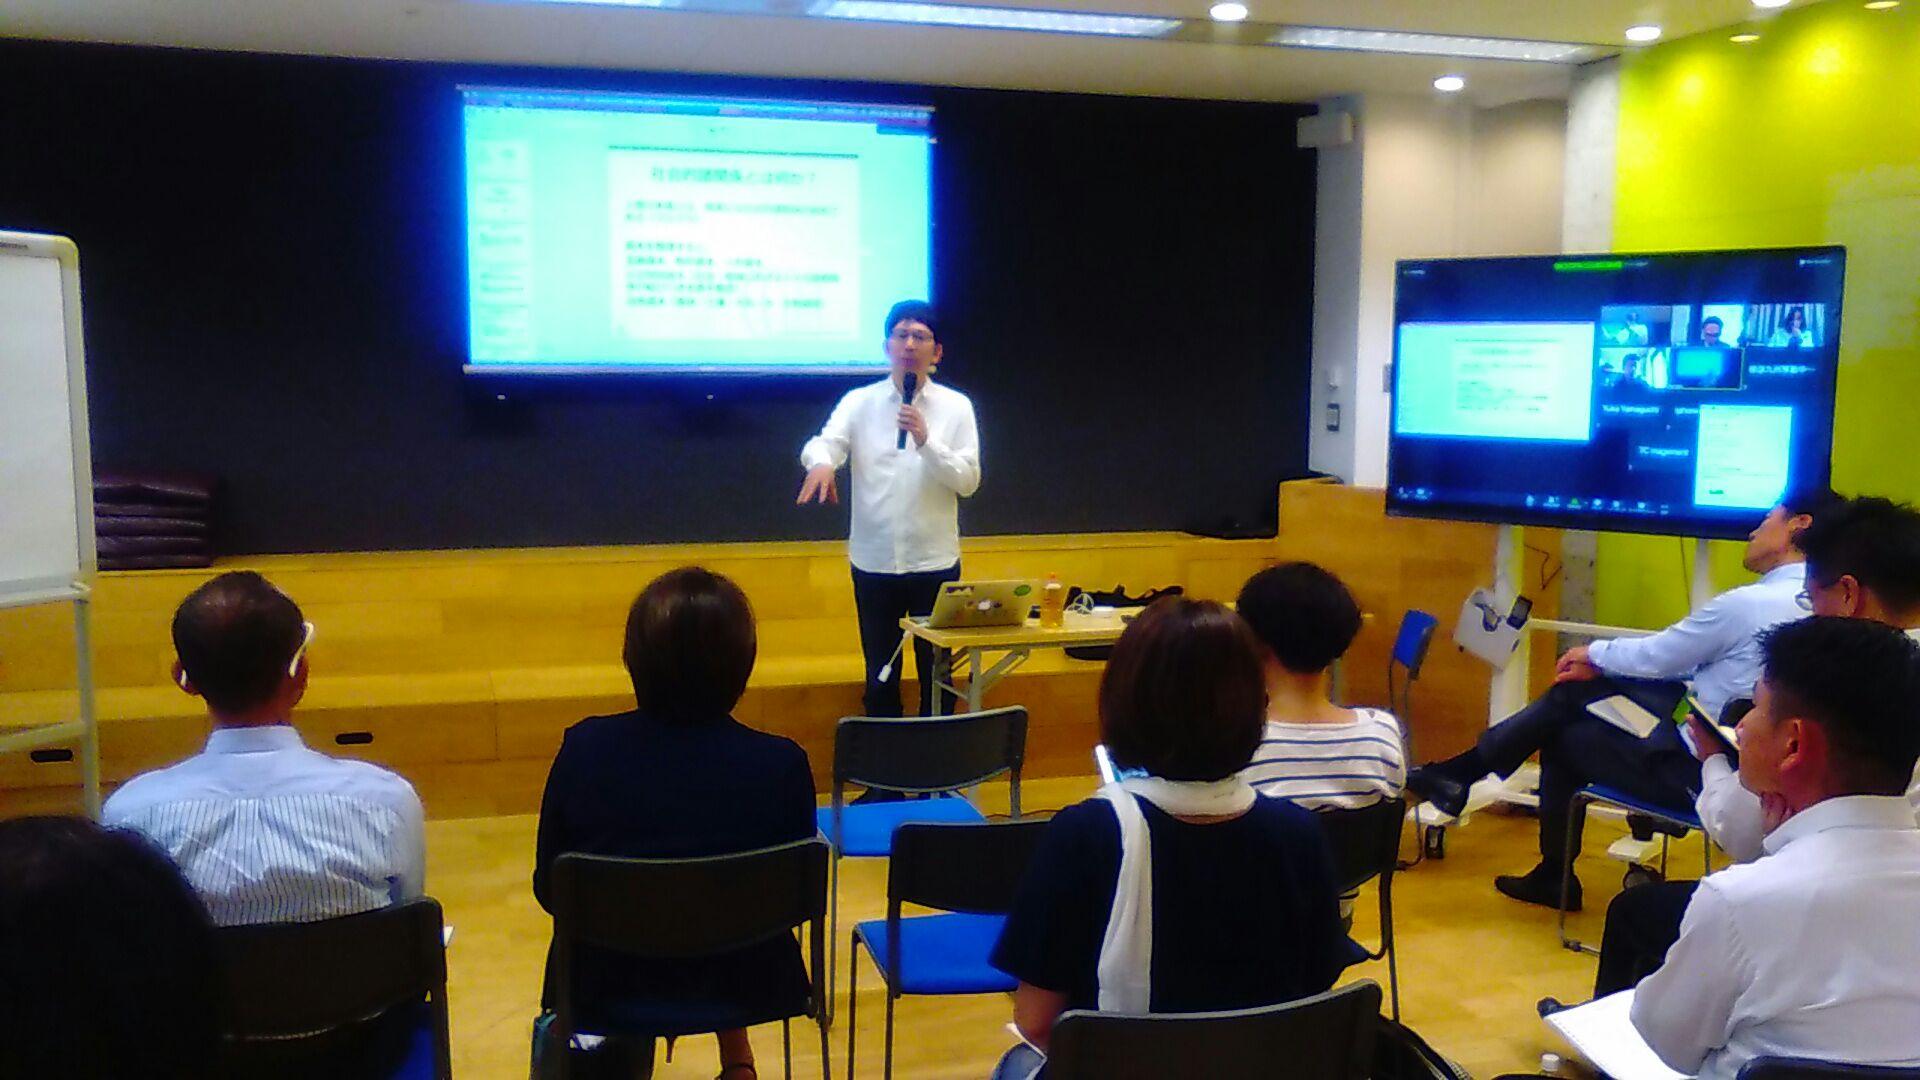 180474 - 100年続く美しい会社プロジェクト10月11日、新井和宏氏「美しい経営とは、お金を創造する」